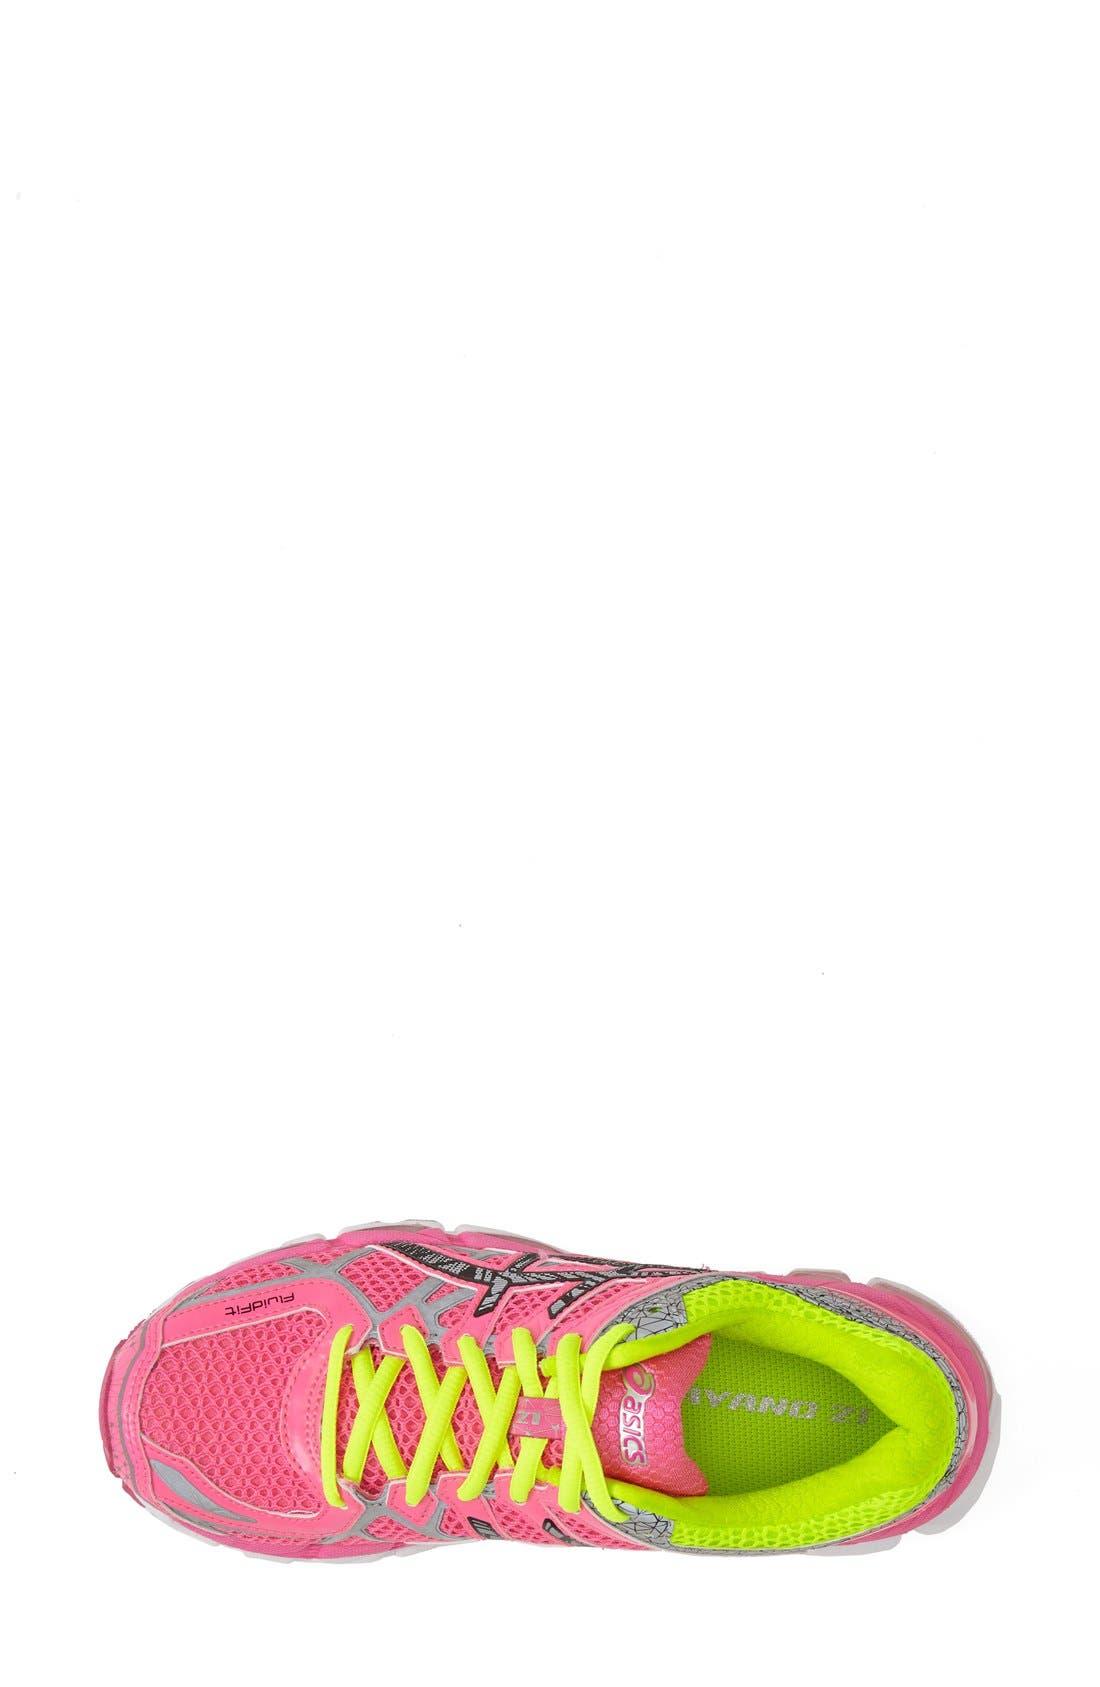 ASICS 'GEL-Kayano<sup>®</sup> 21' Running Shoe,                             Alternate thumbnail 4, color,